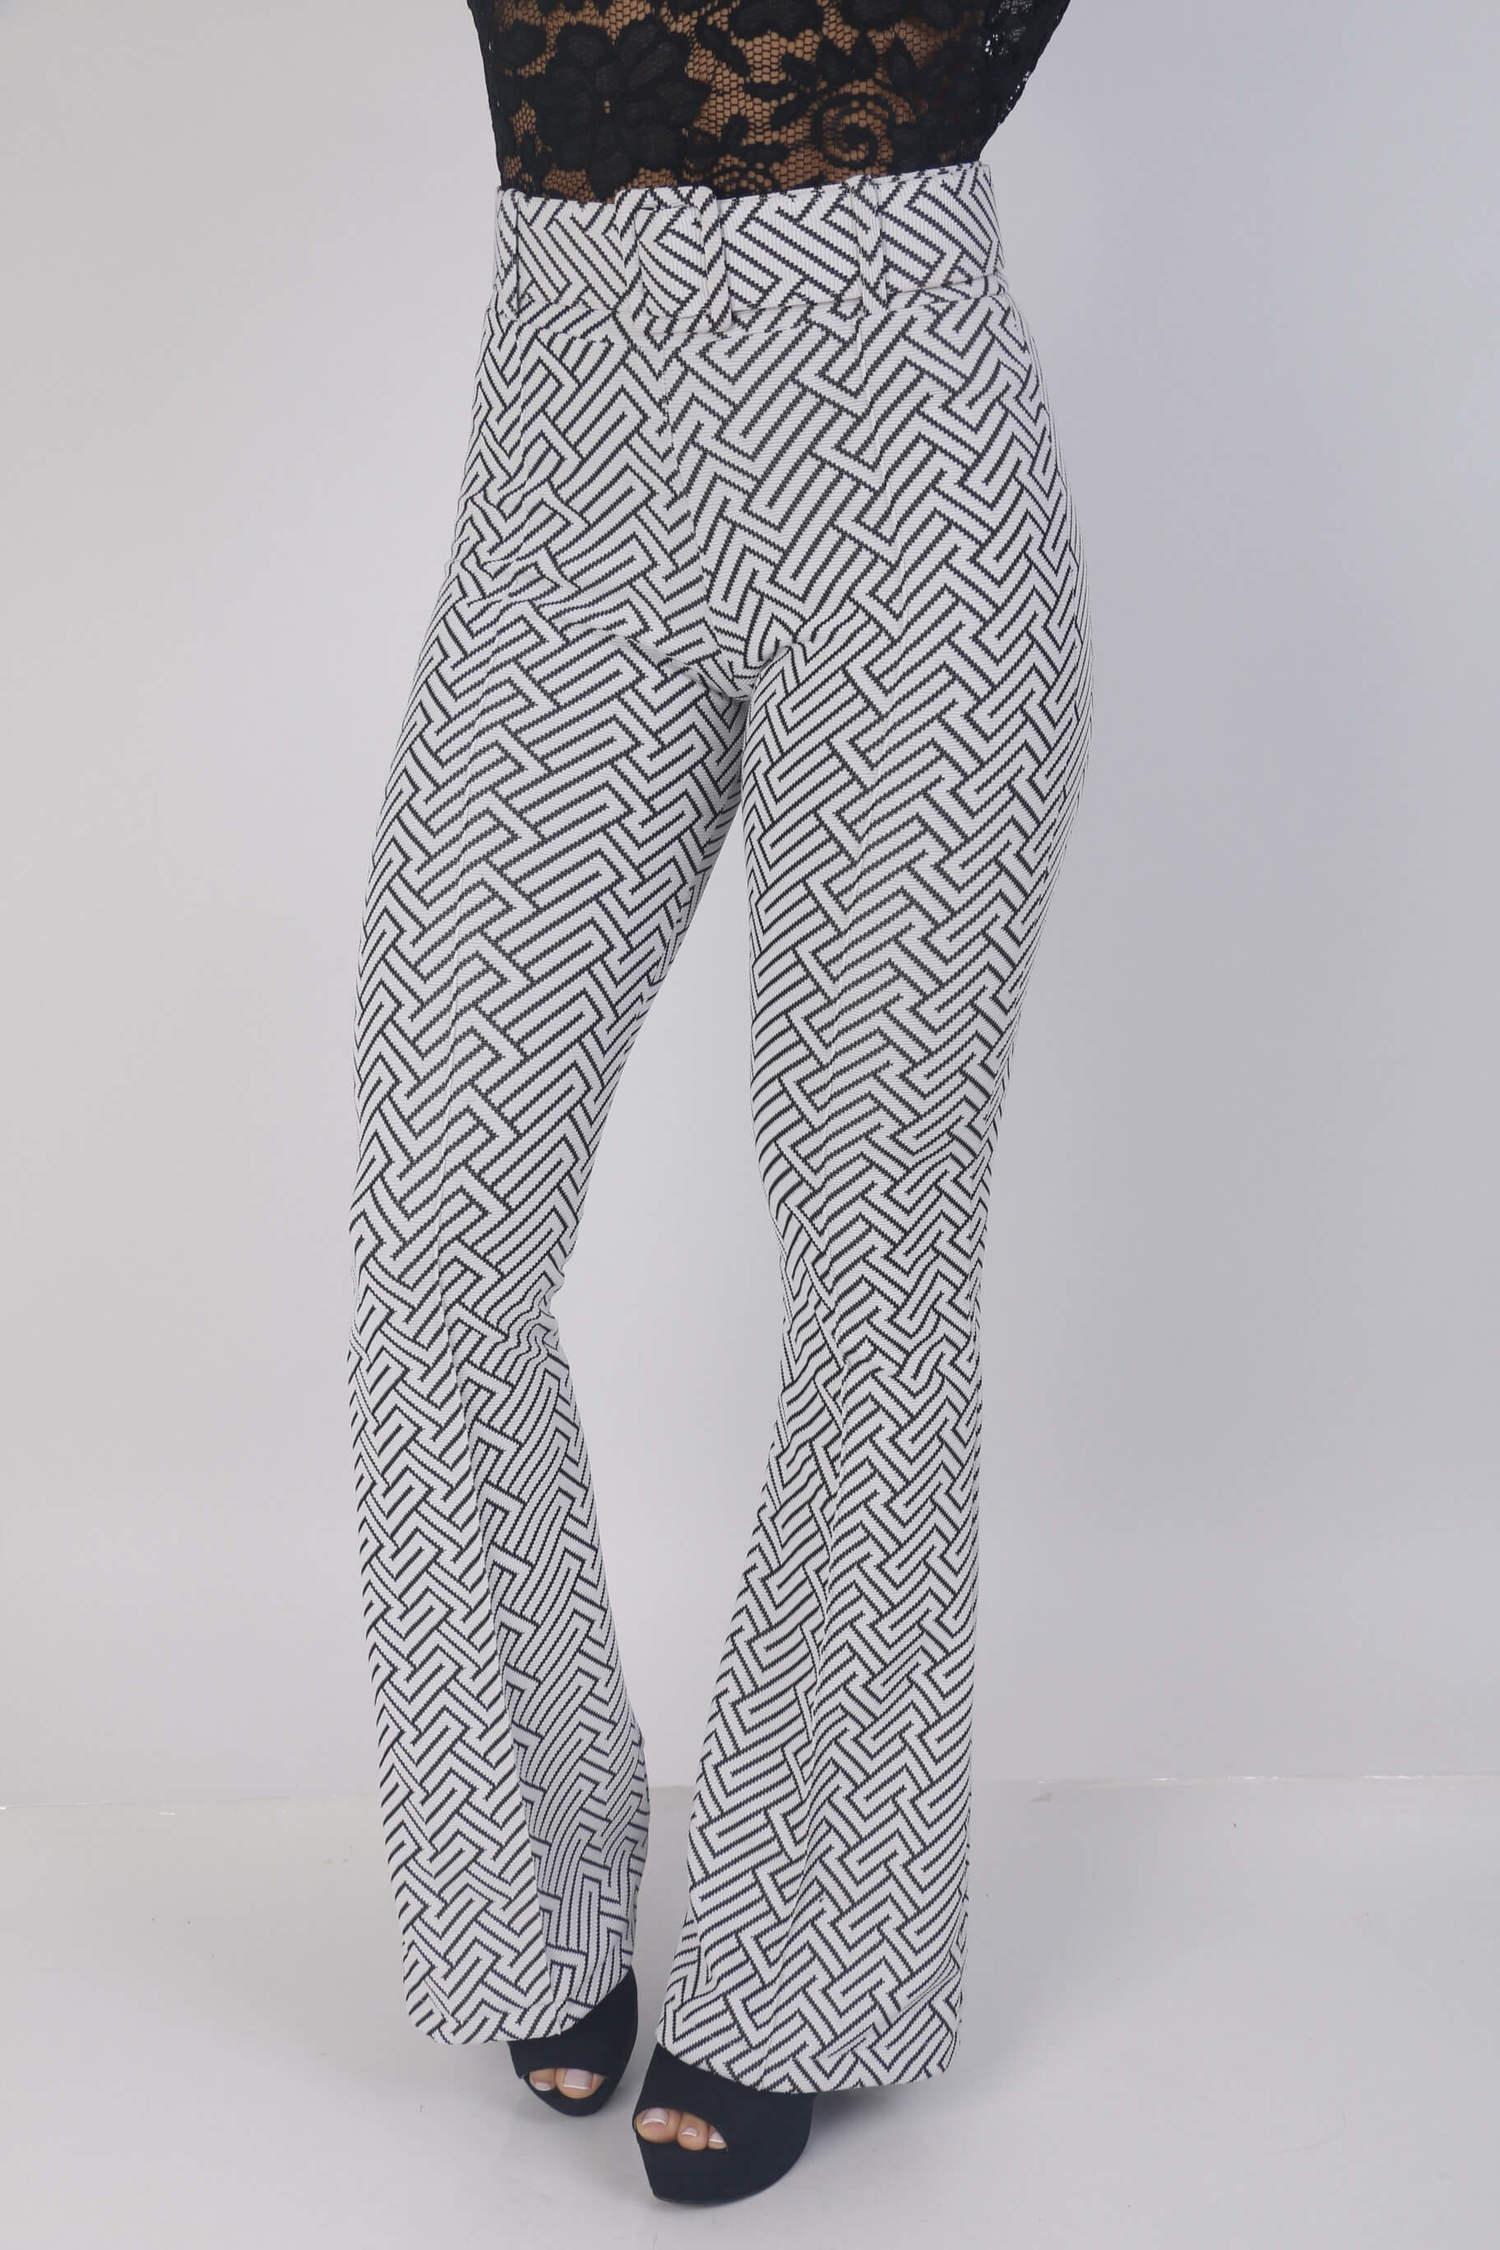 Calça geometrica preta e branca com cinto